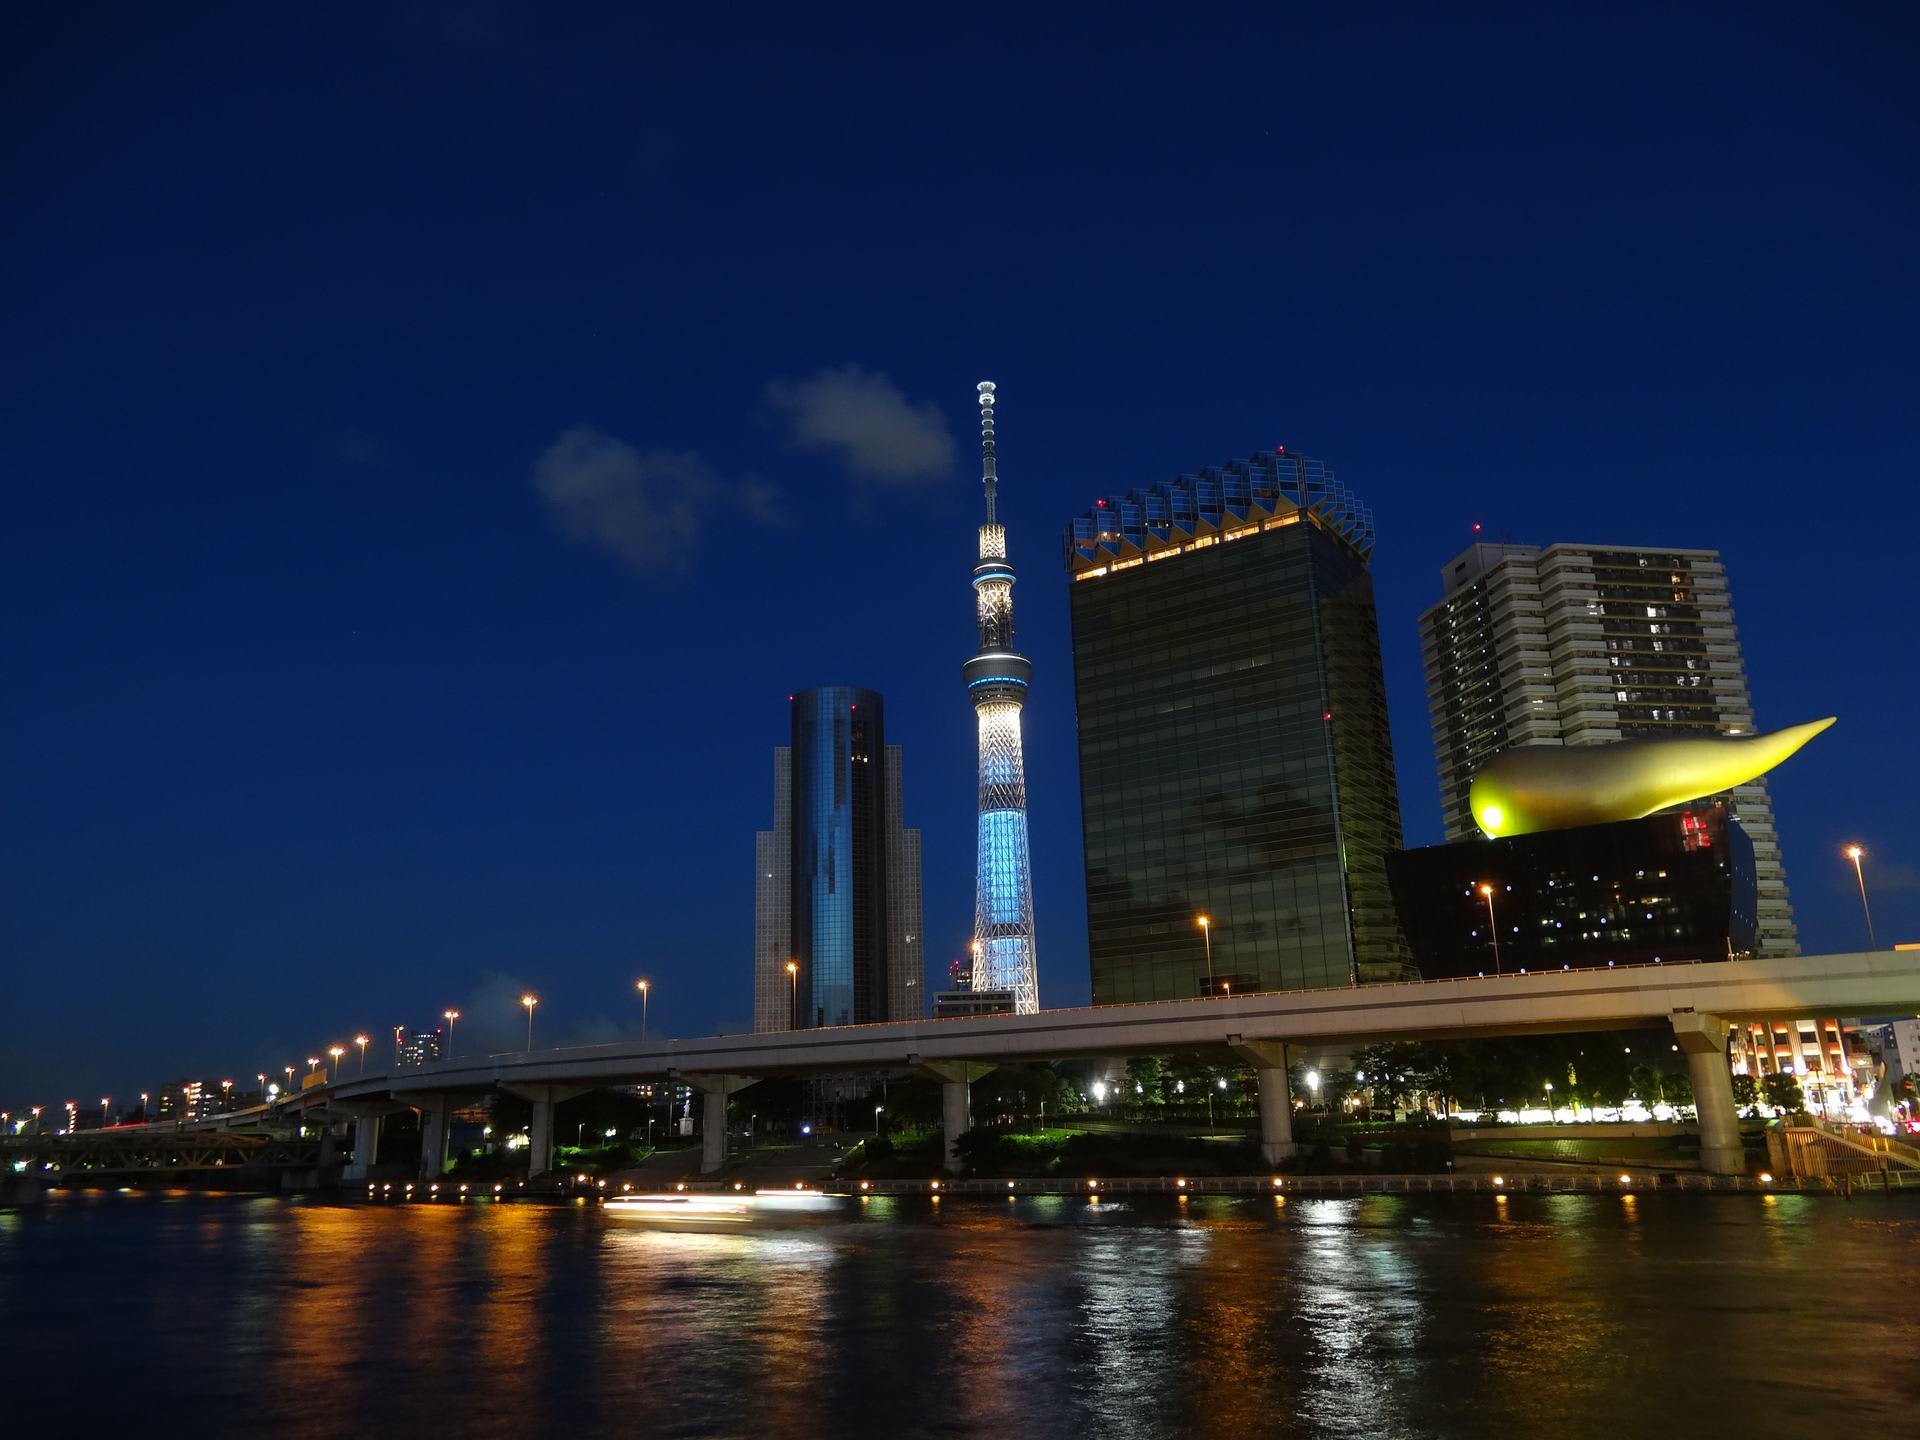 東京スカイツリー In Night 上総の写真 クリックすると壁紙サイズの写真 画像 になります